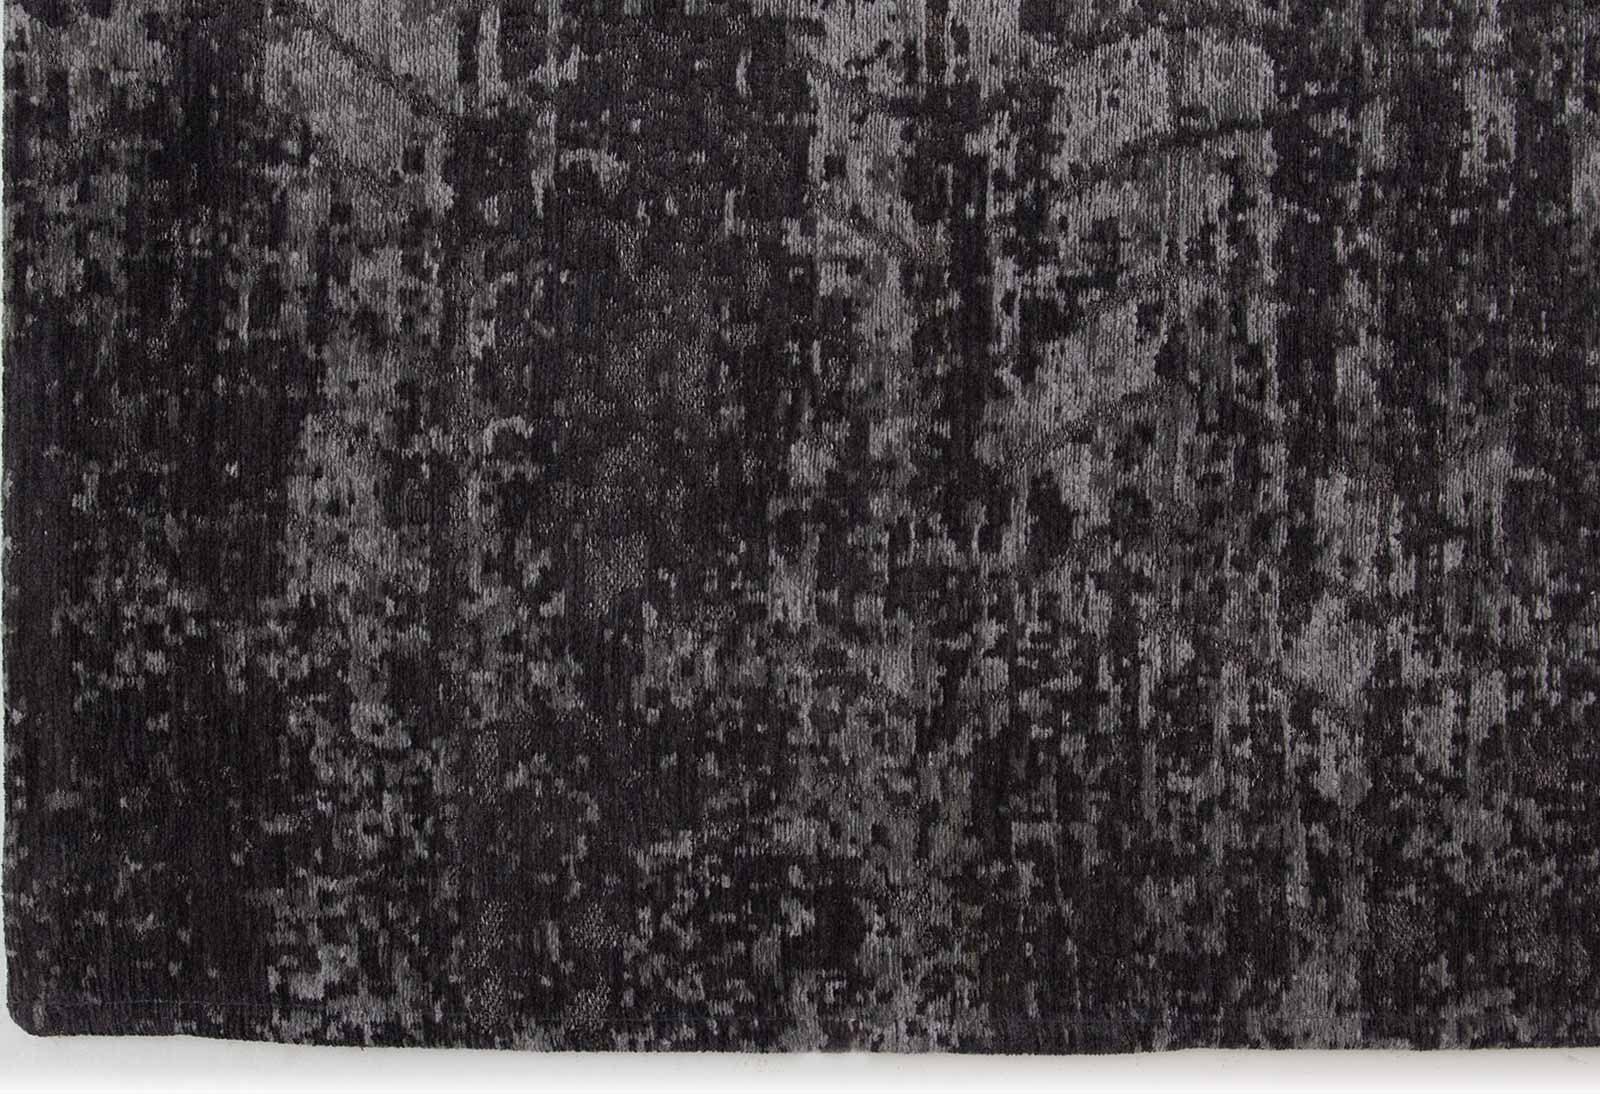 rugs Louis De Poortere LX8425 Mad Men Jacobs Ladder Harlem Contrast corner